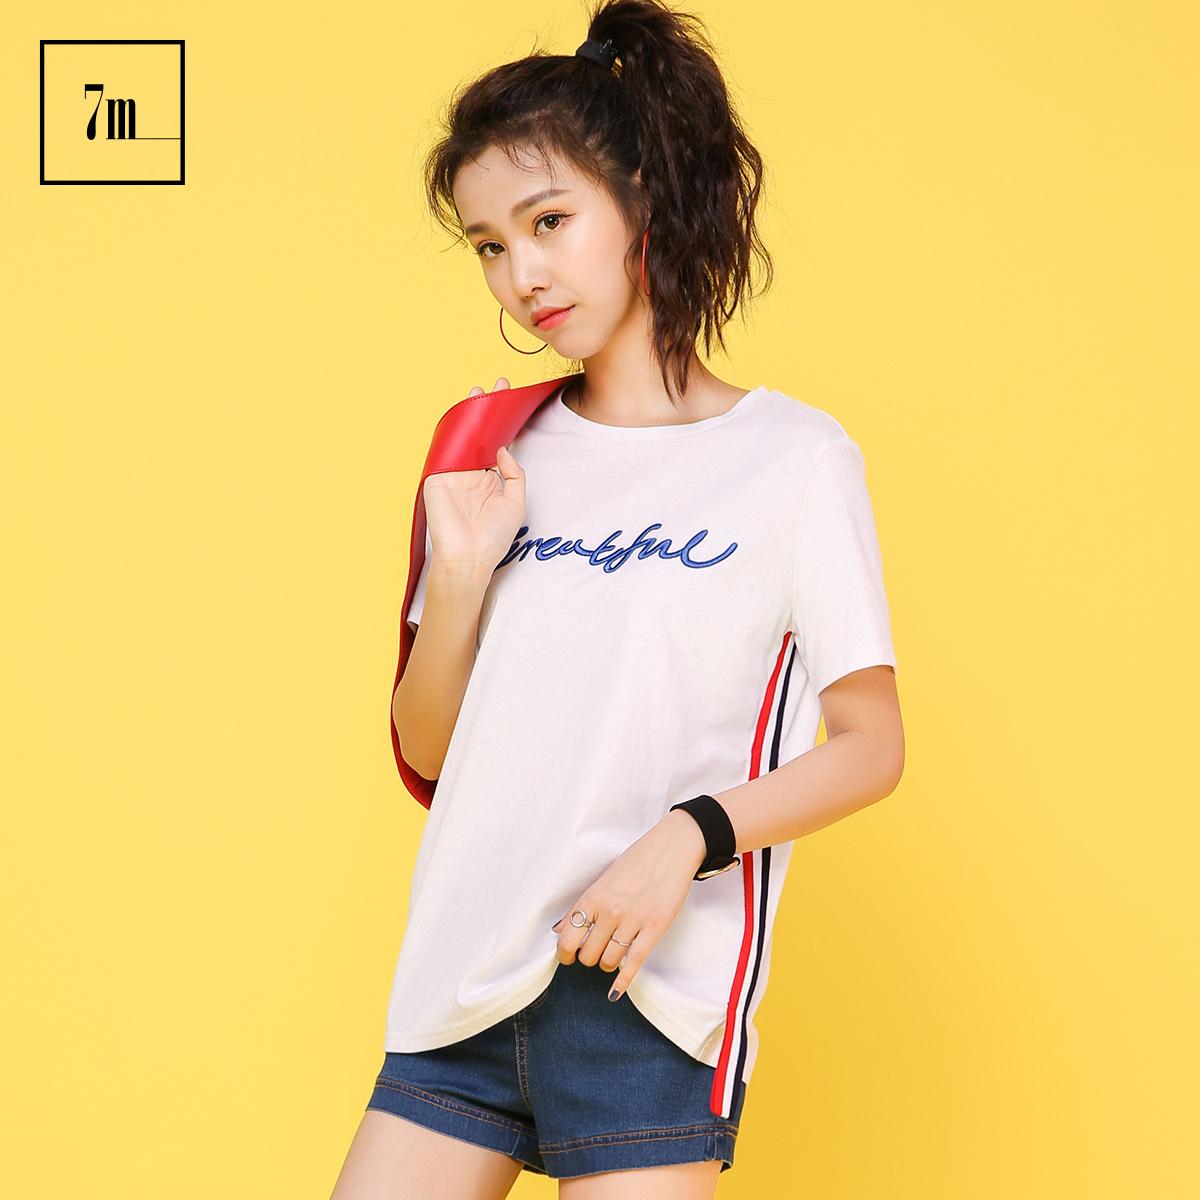 拉夏贝尔7m2017夏季新款潮韩版字母印花圆领修身条纹短袖t恤女士